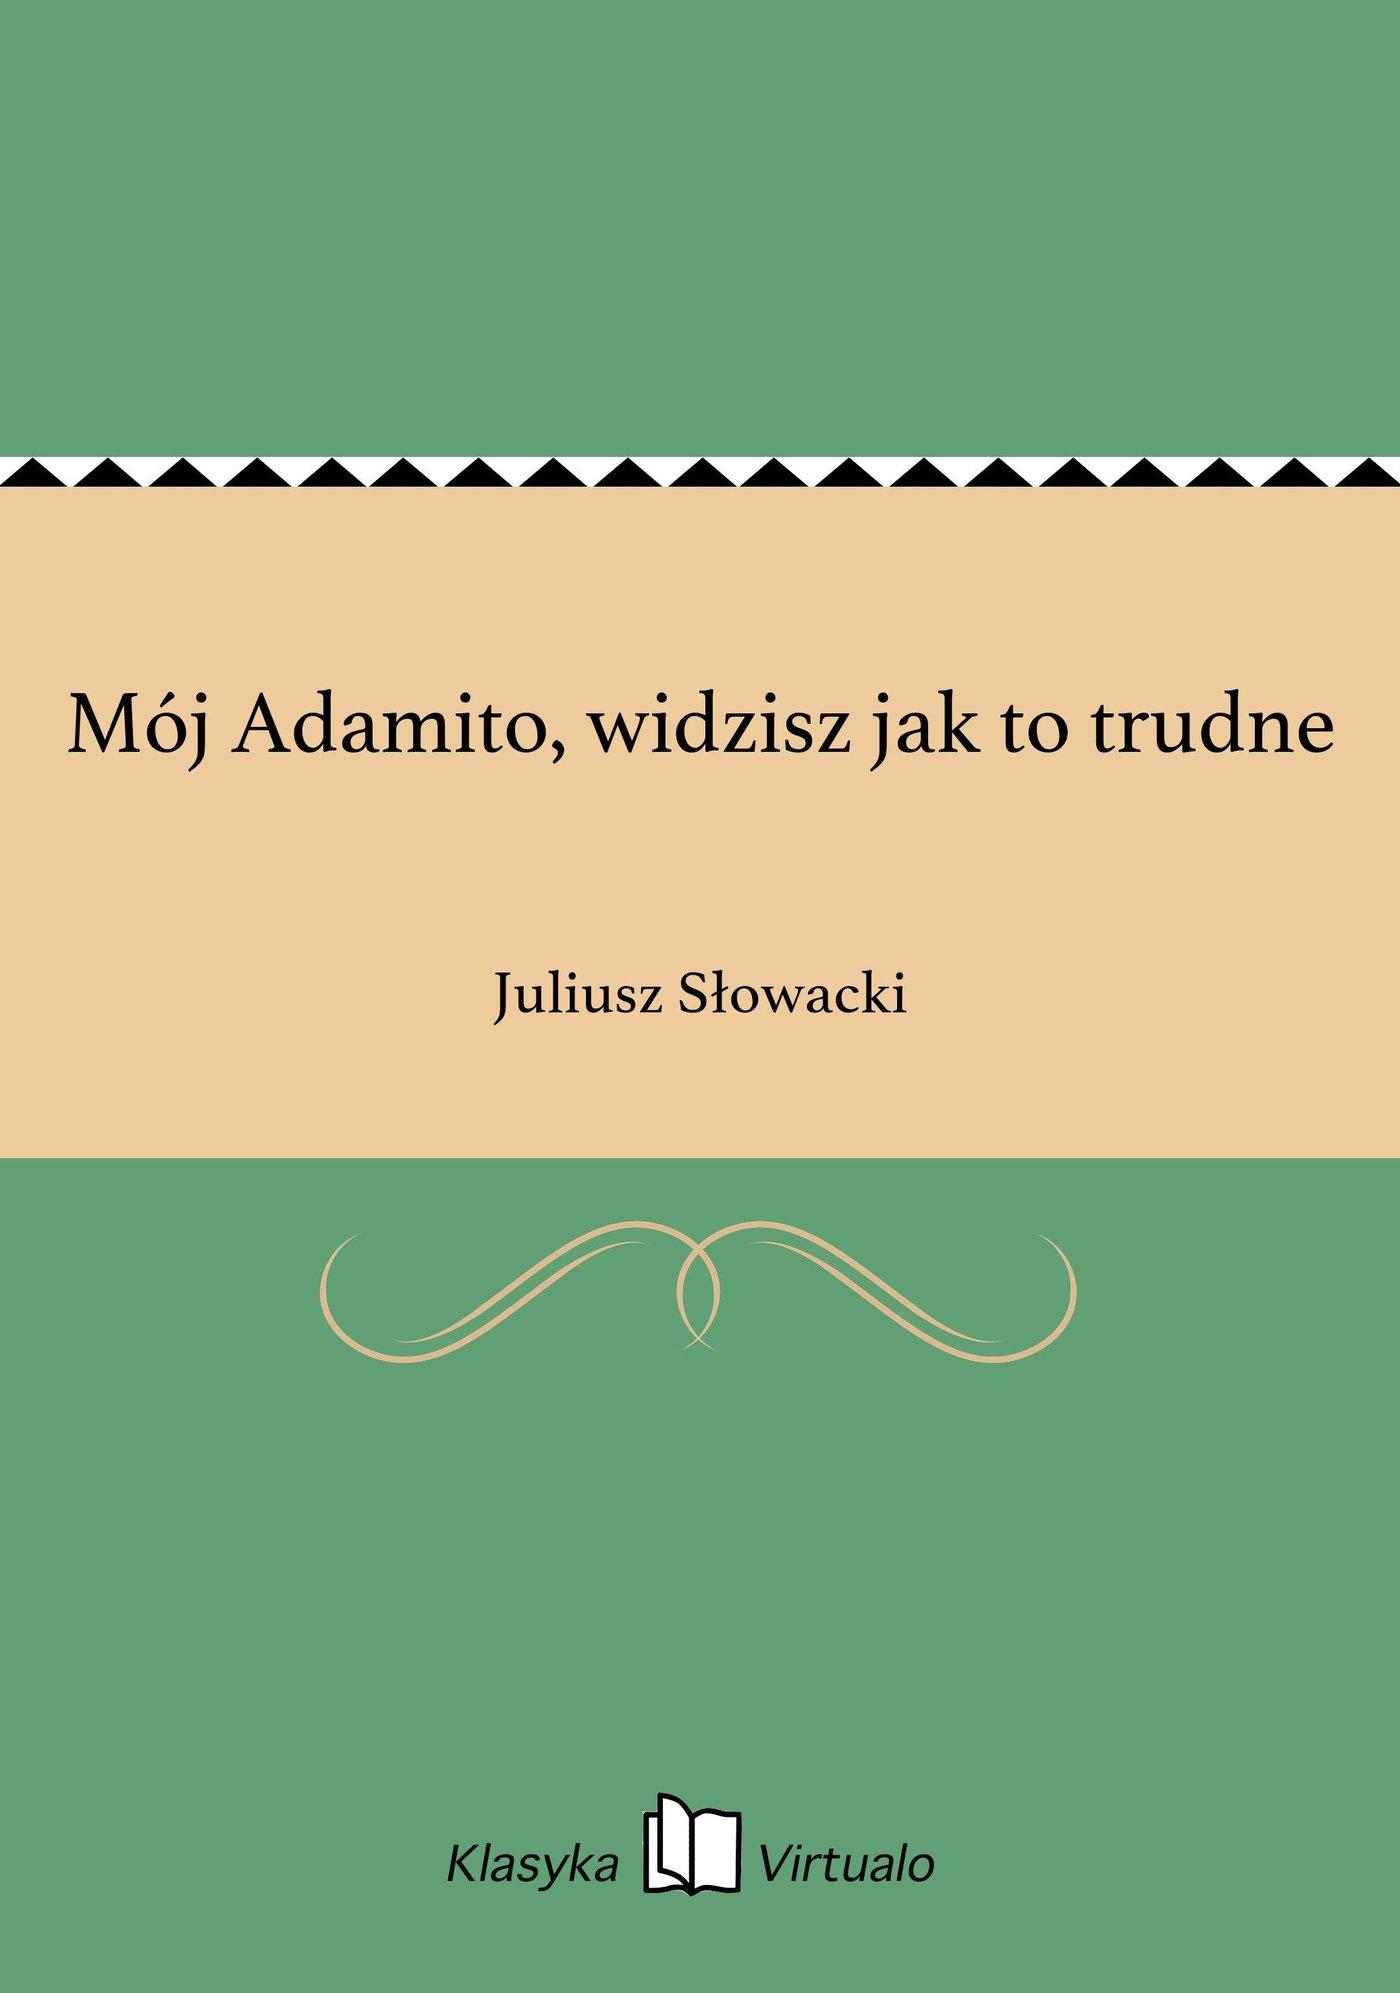 Mój Adamito, widzisz jak to trudne - Ebook (Książka EPUB) do pobrania w formacie EPUB